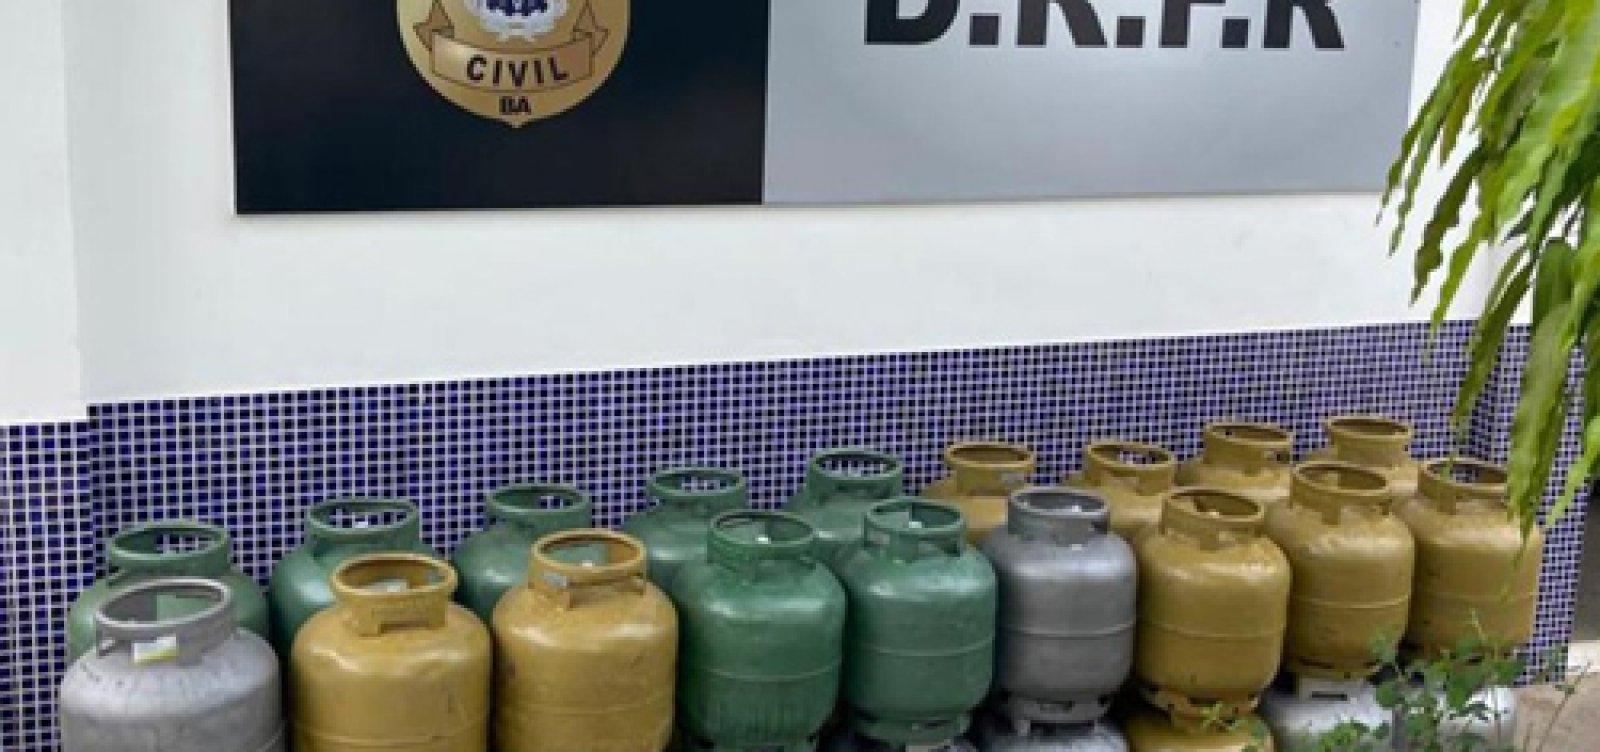 Polícia recupera carga furtada de botijão de gás em Jequié